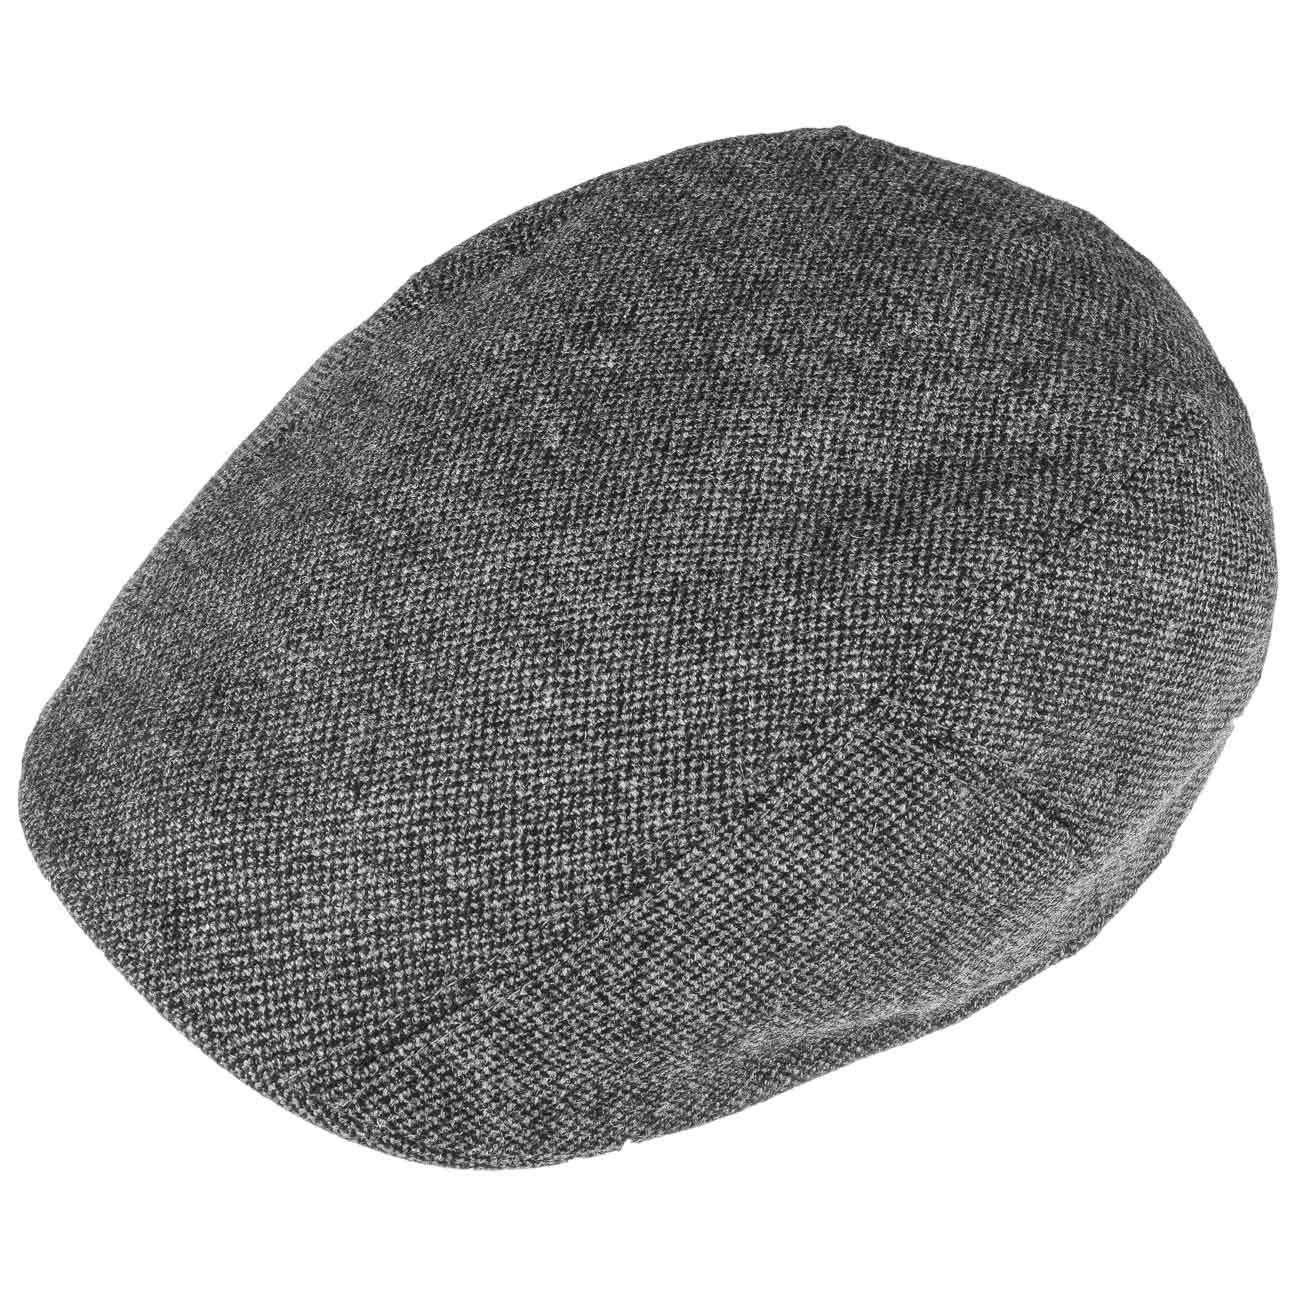 Stetson Gorra Ridge Wool Hombre Made in The EU de Invierno Gorro Ivy Lana con Visera oto/ño//Invierno